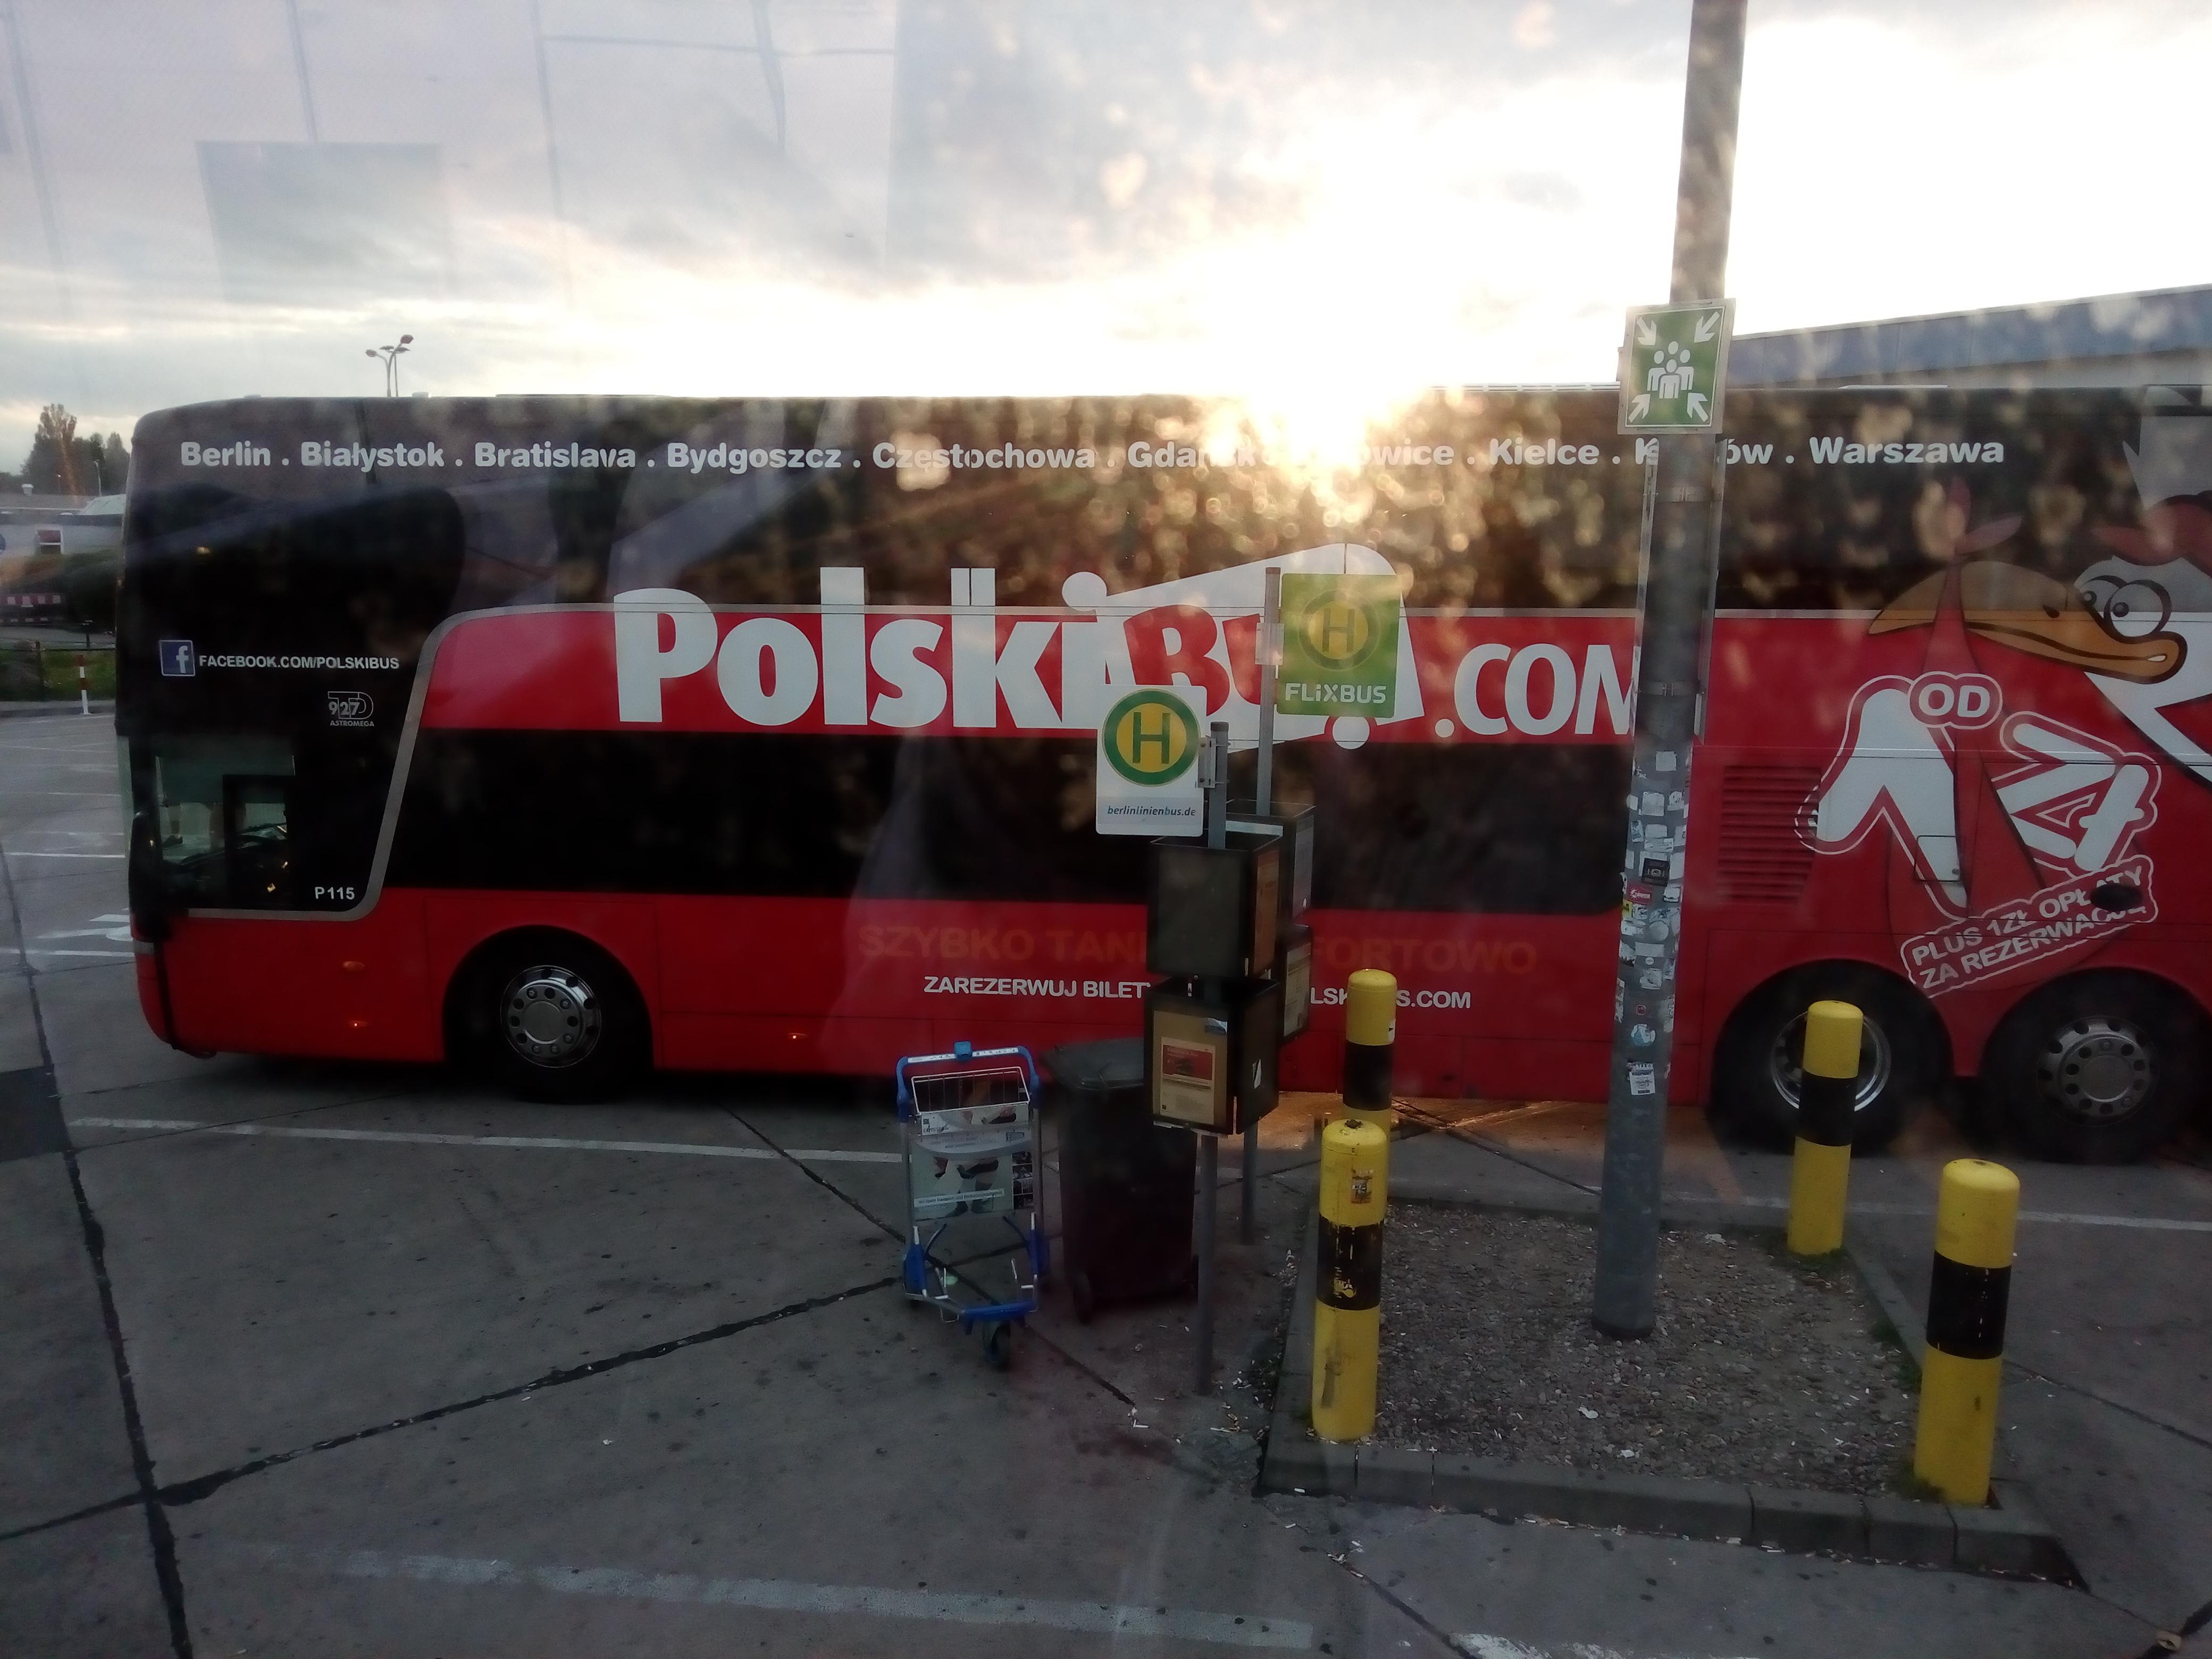 I'm in Poland!!